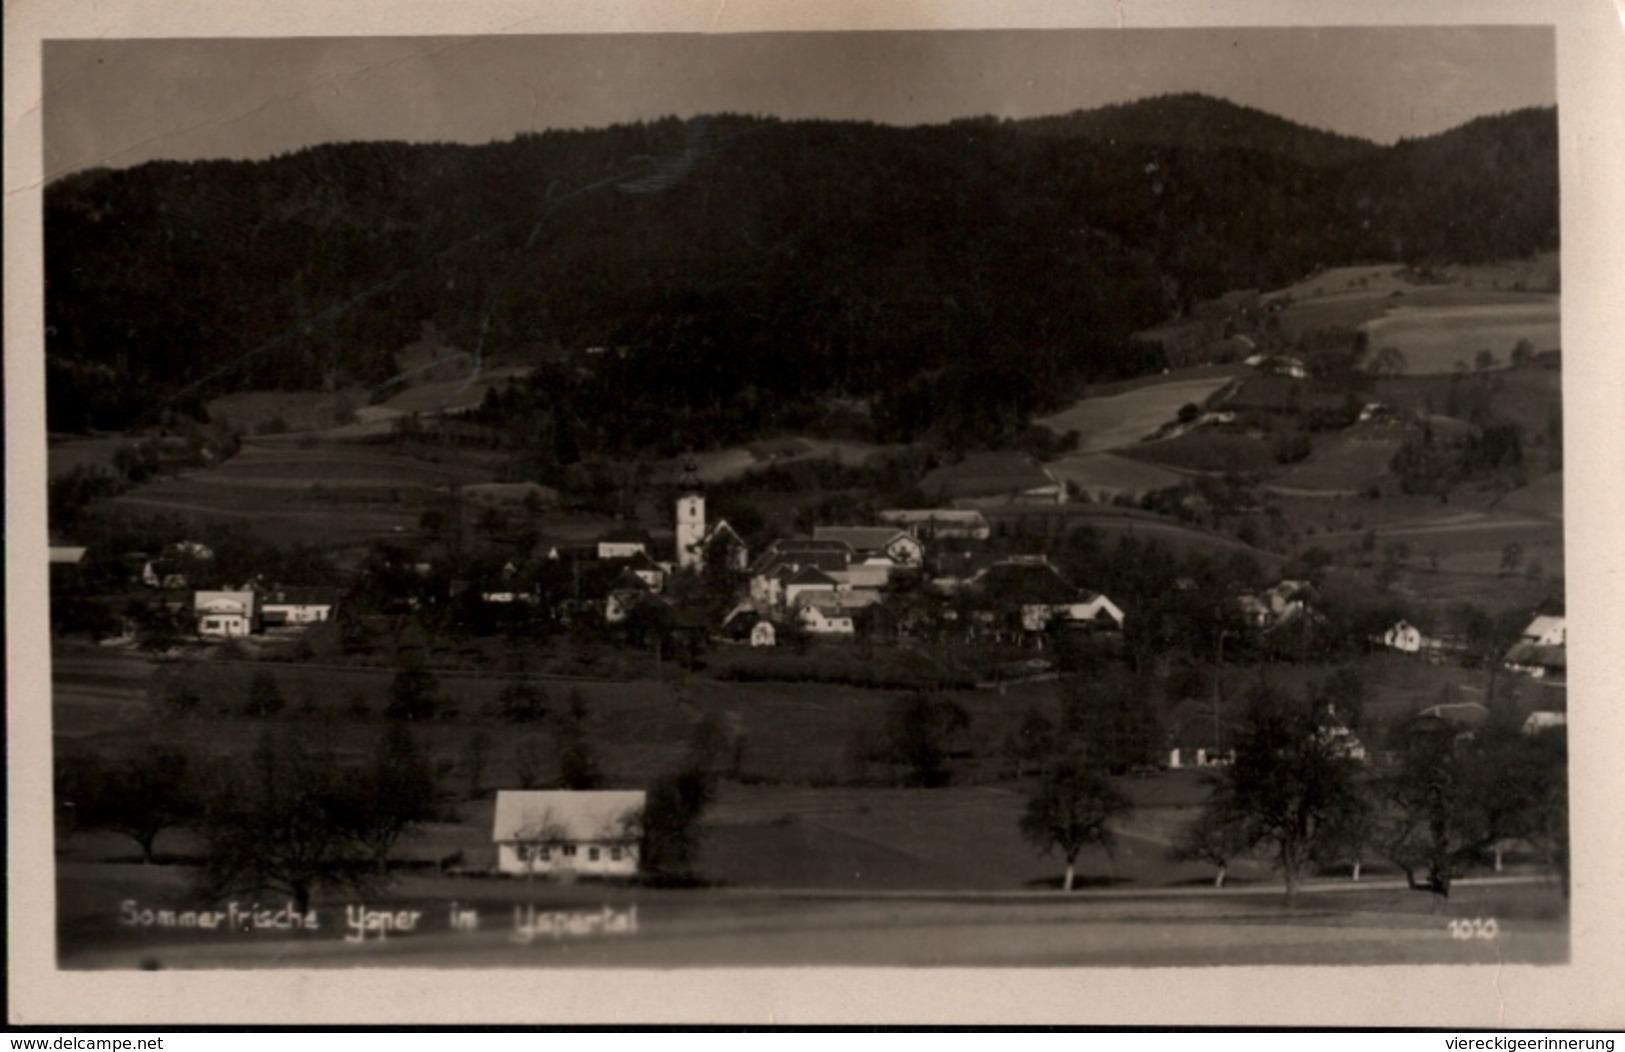 ! Ansichtskarte 1943, 3. Reich, KLV Lager Niederdonau 60, Gasthof Dangl, Kreis Melk, Österreich, Gelaufen N. Plön, - Briefe U. Dokumente